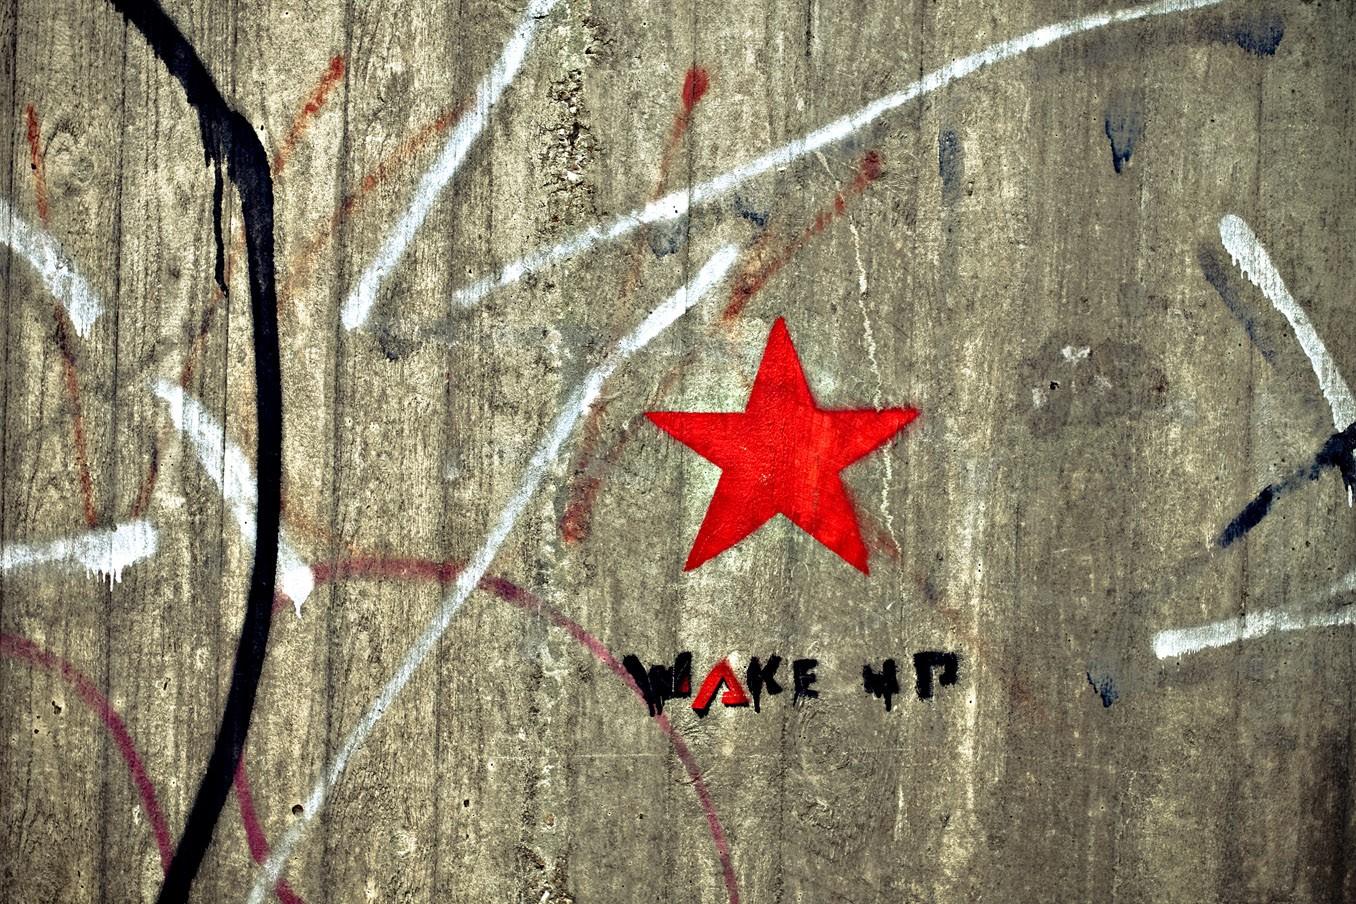 Zbudź się o śpiący i powstań (odcinek 6)